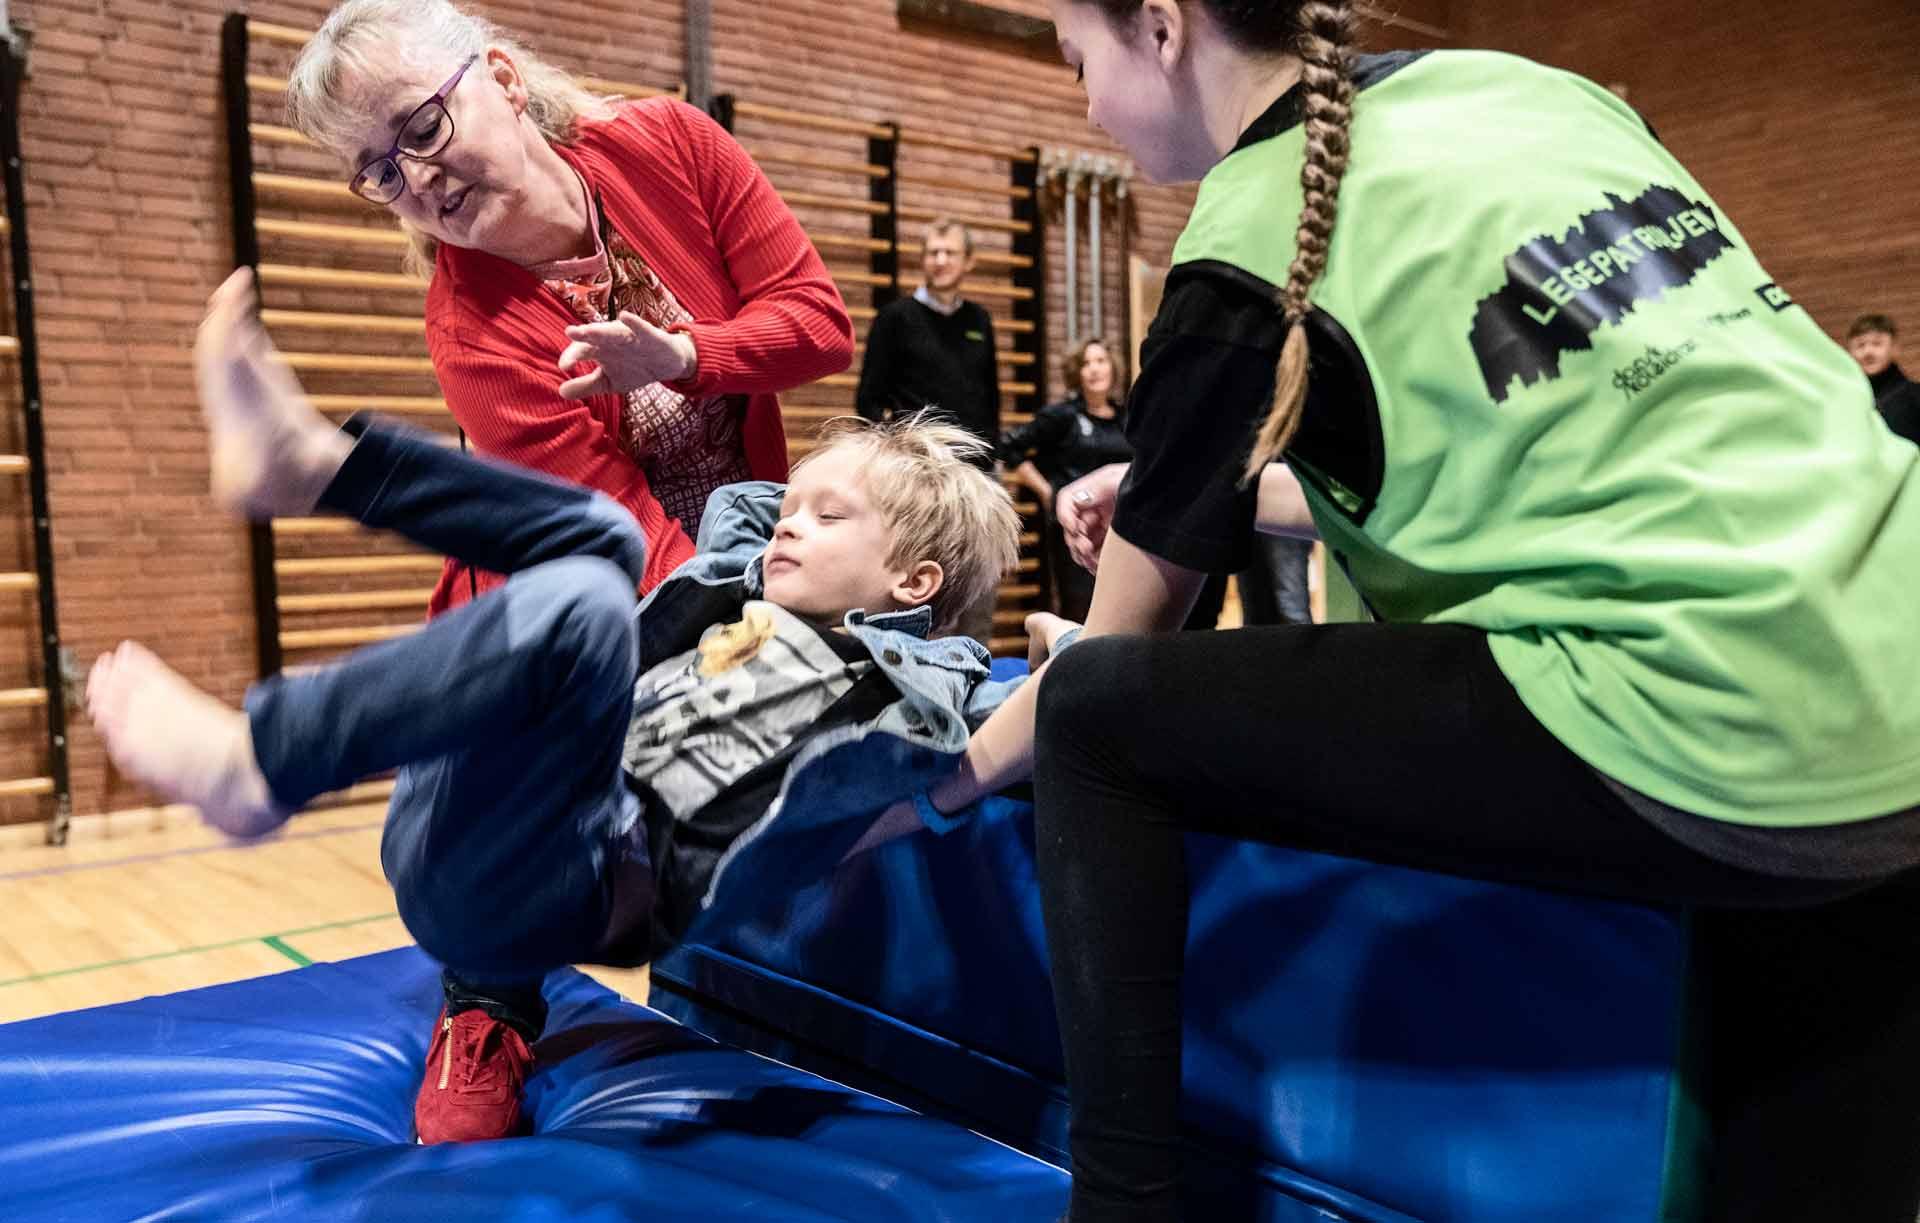 Søndermarksskolen i Slagelse viste ved et besøg i december folketingspolitiker Karin Nødgaard (DF) en række eksempler på en skoledag fuld af bevægelse. Karin Nødgaard, der selv har en baggrund som idrætslærer i folkeskolen, trådte til med en hjælpende hånd ved Legepatruljen.